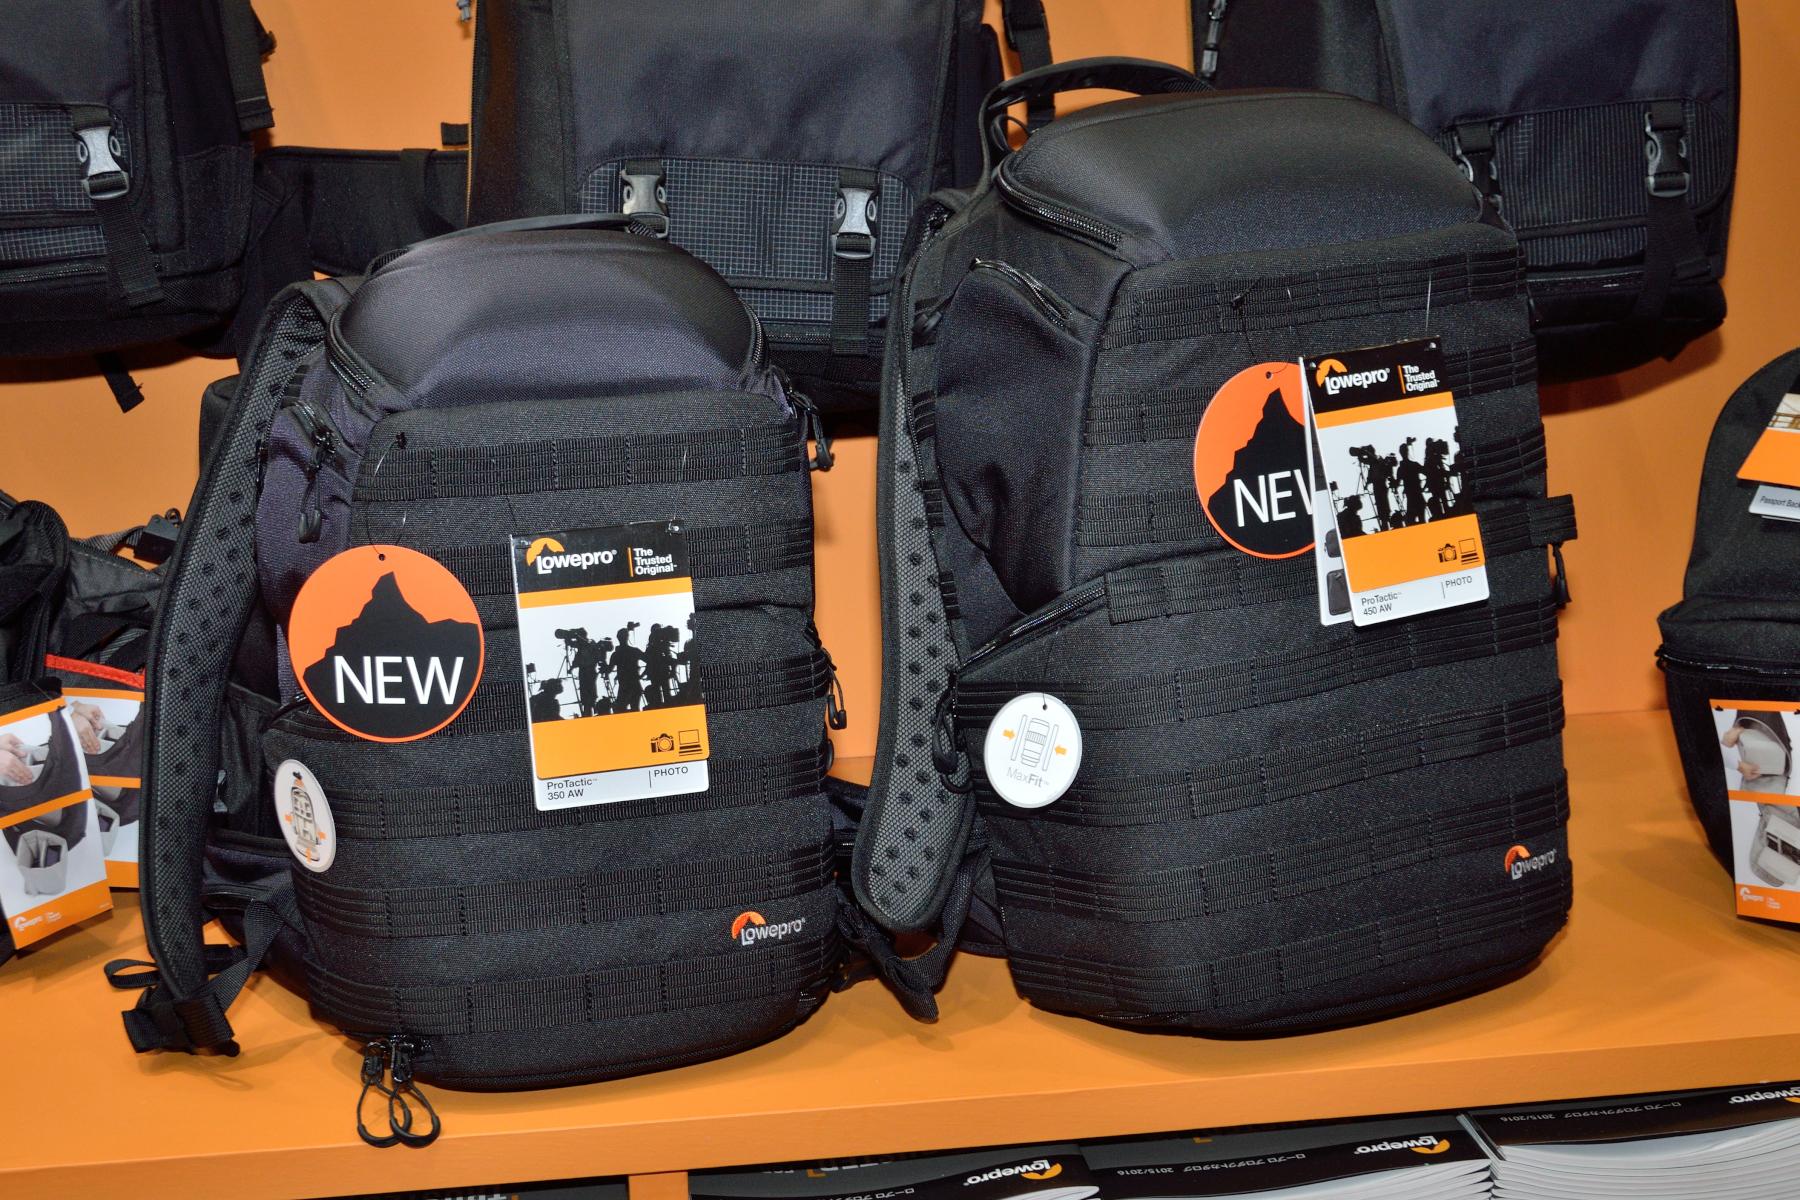 上部と両サイド、背面から内部にアクセス可能な「プロタクティック450AW」(5万7,240円)と「同350AW」(4万6,440円)